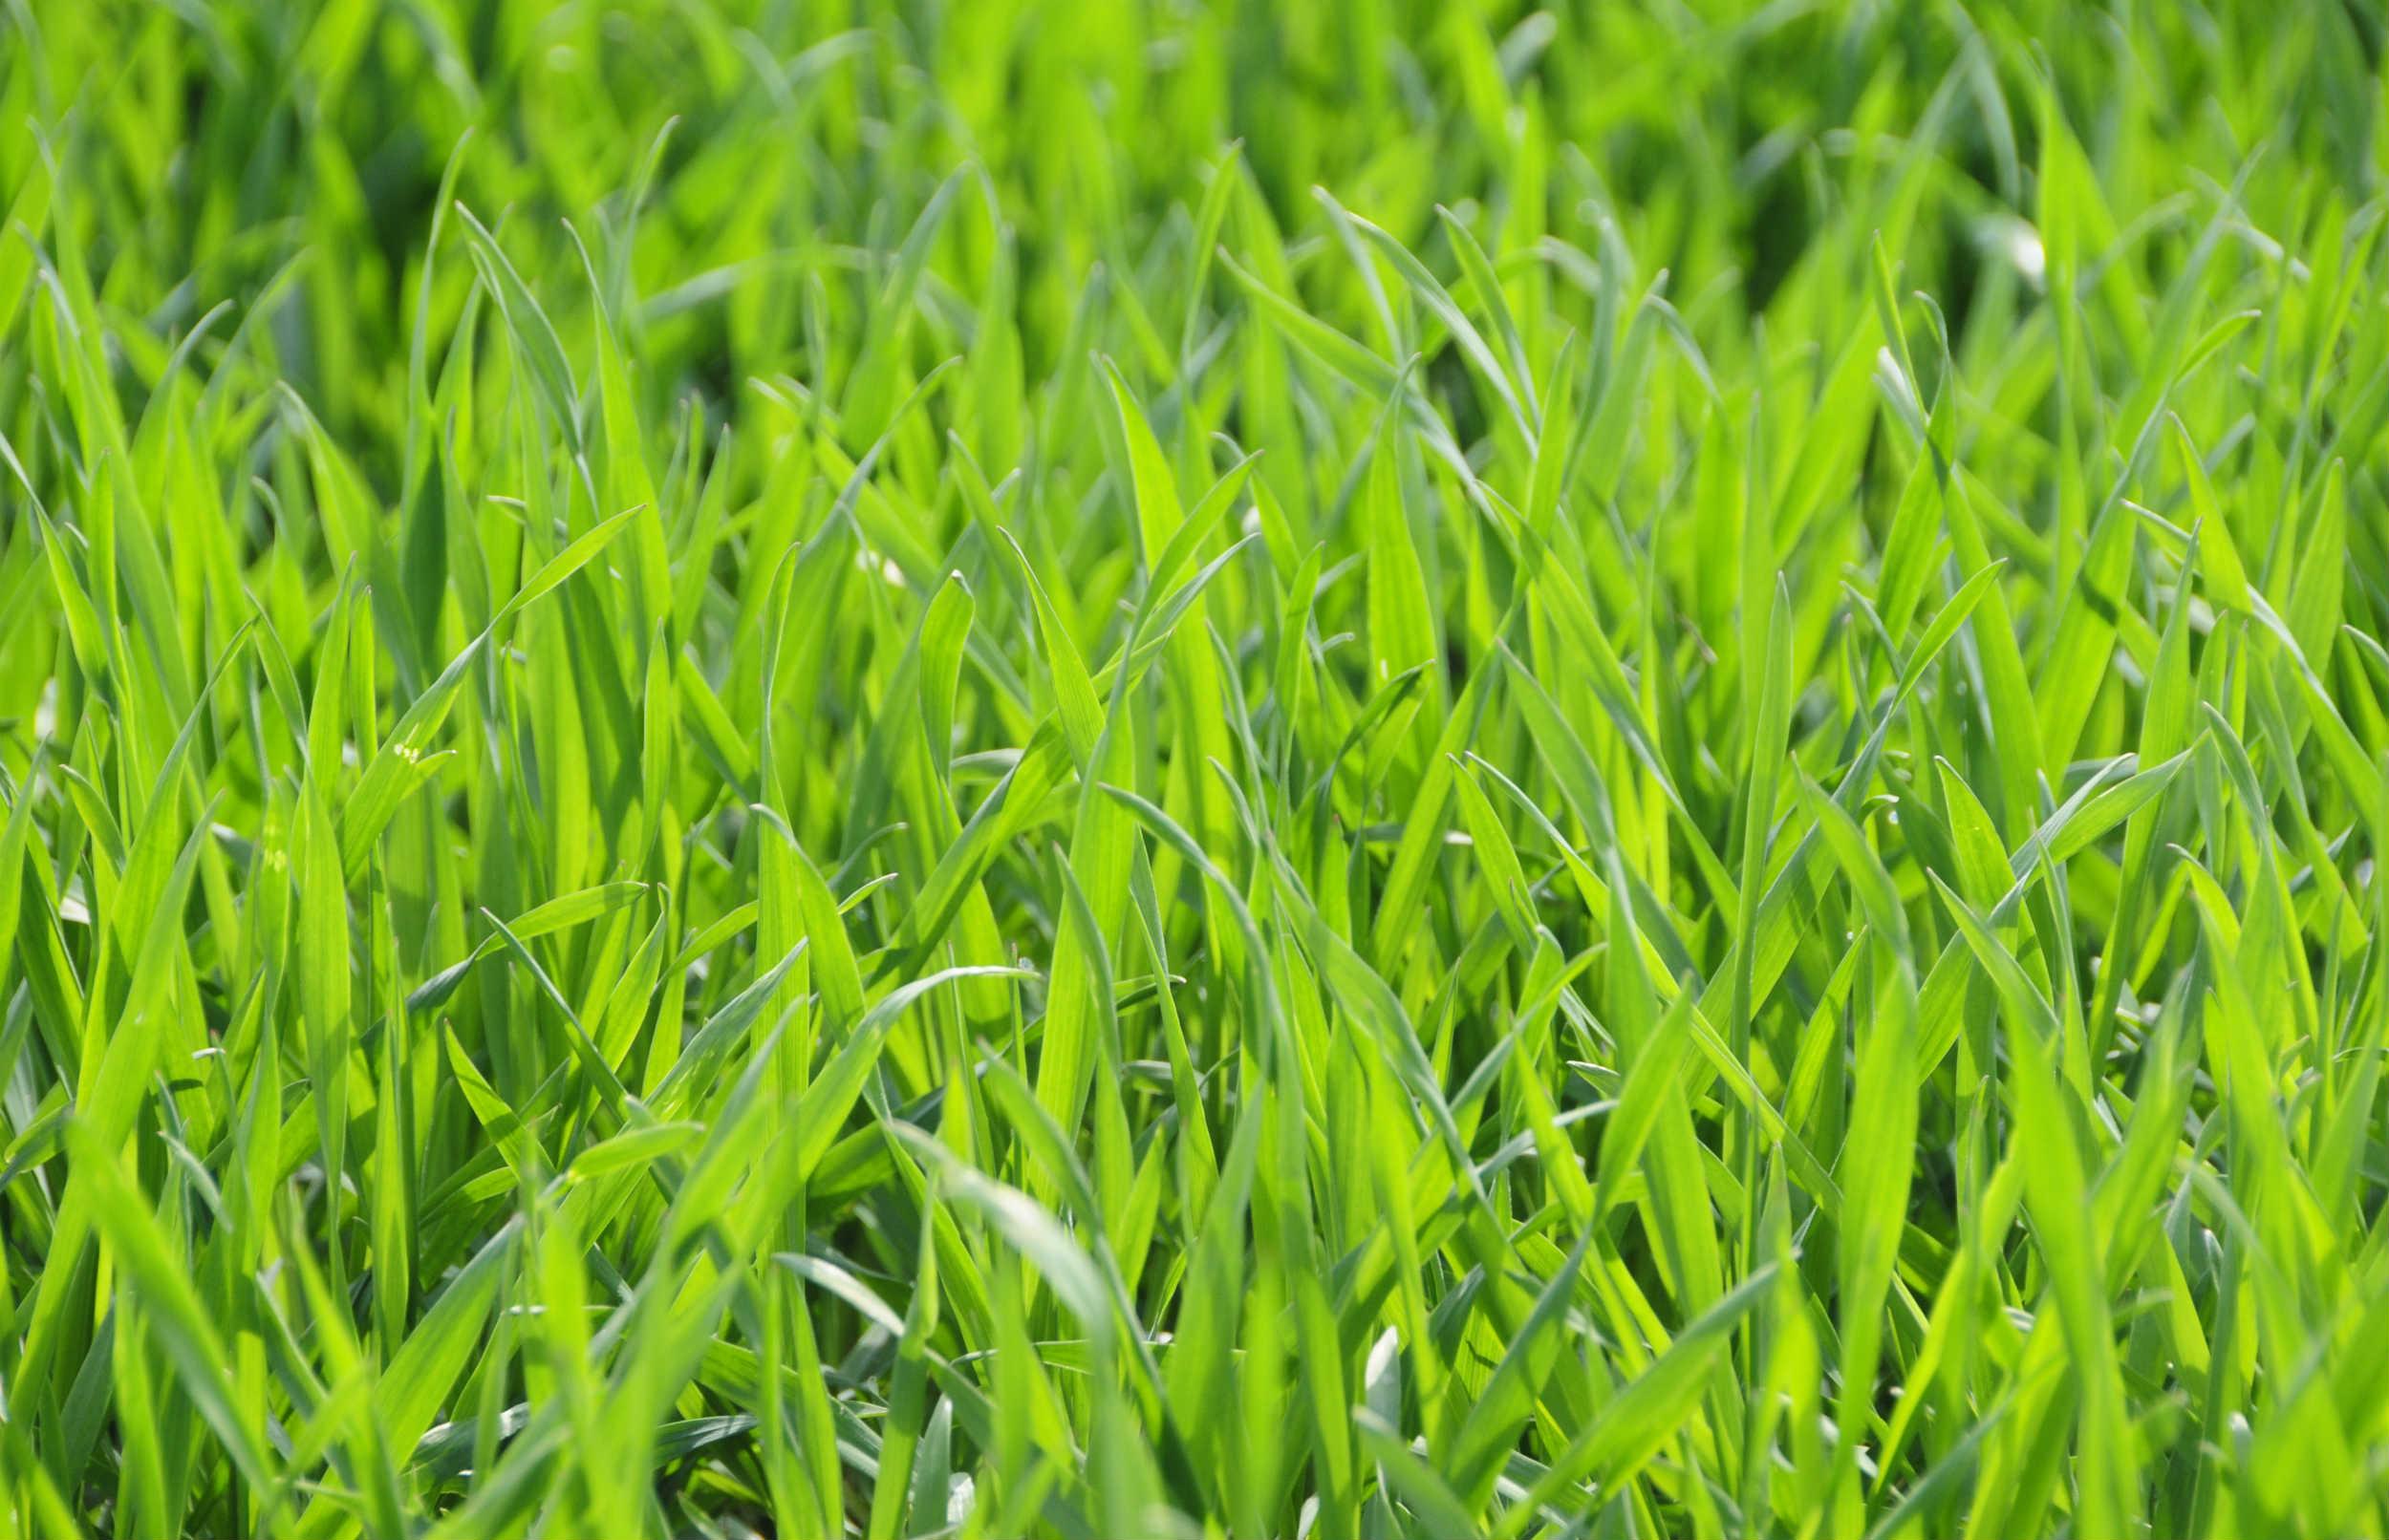 Sådan kan landbruget mindske udledningen af drivhusgasser